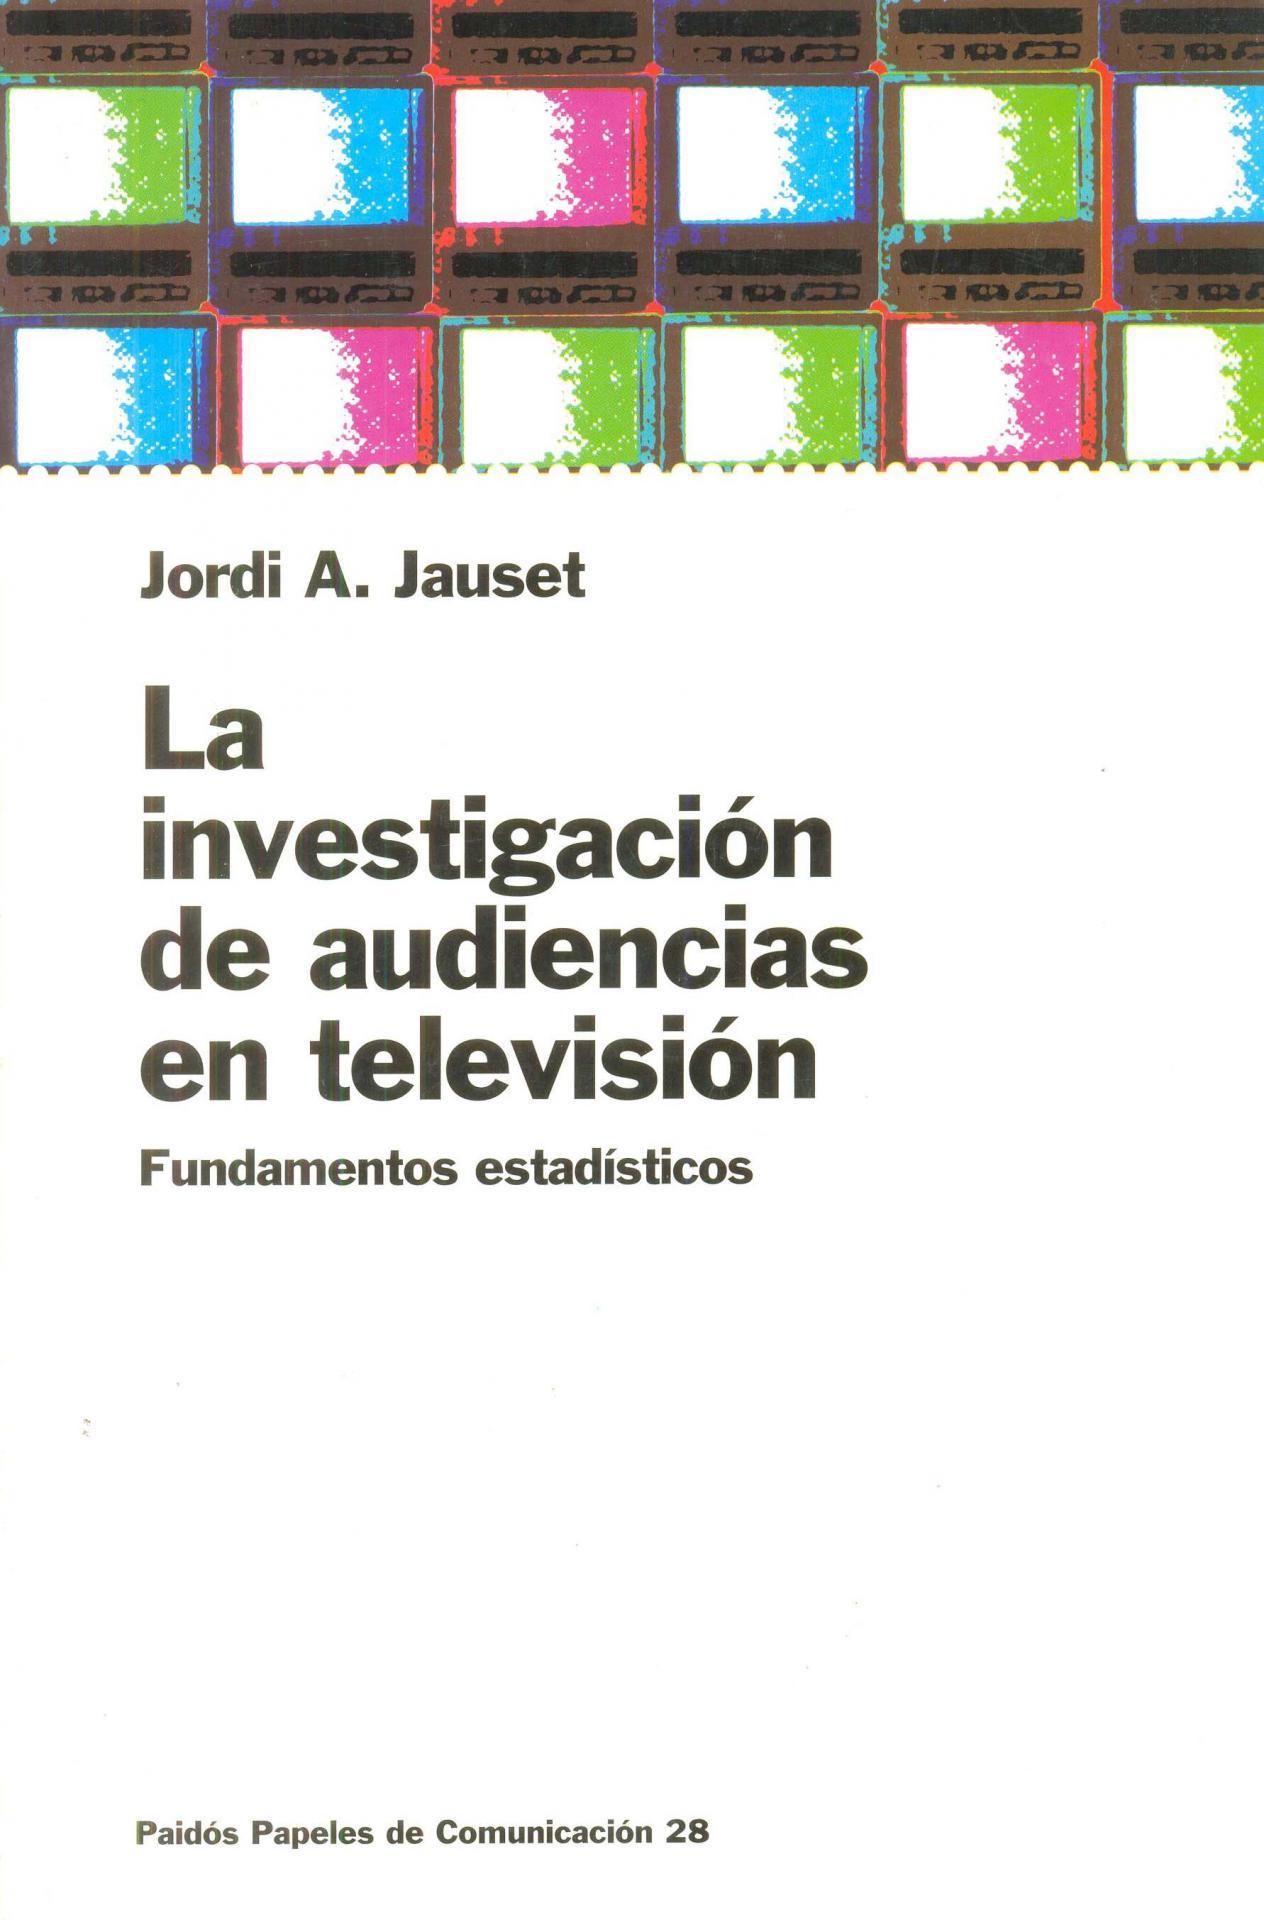 LA INVESTIGACIÓN DE AUDIENCIAS EN TELEVISIÓN. Jauset, JA.